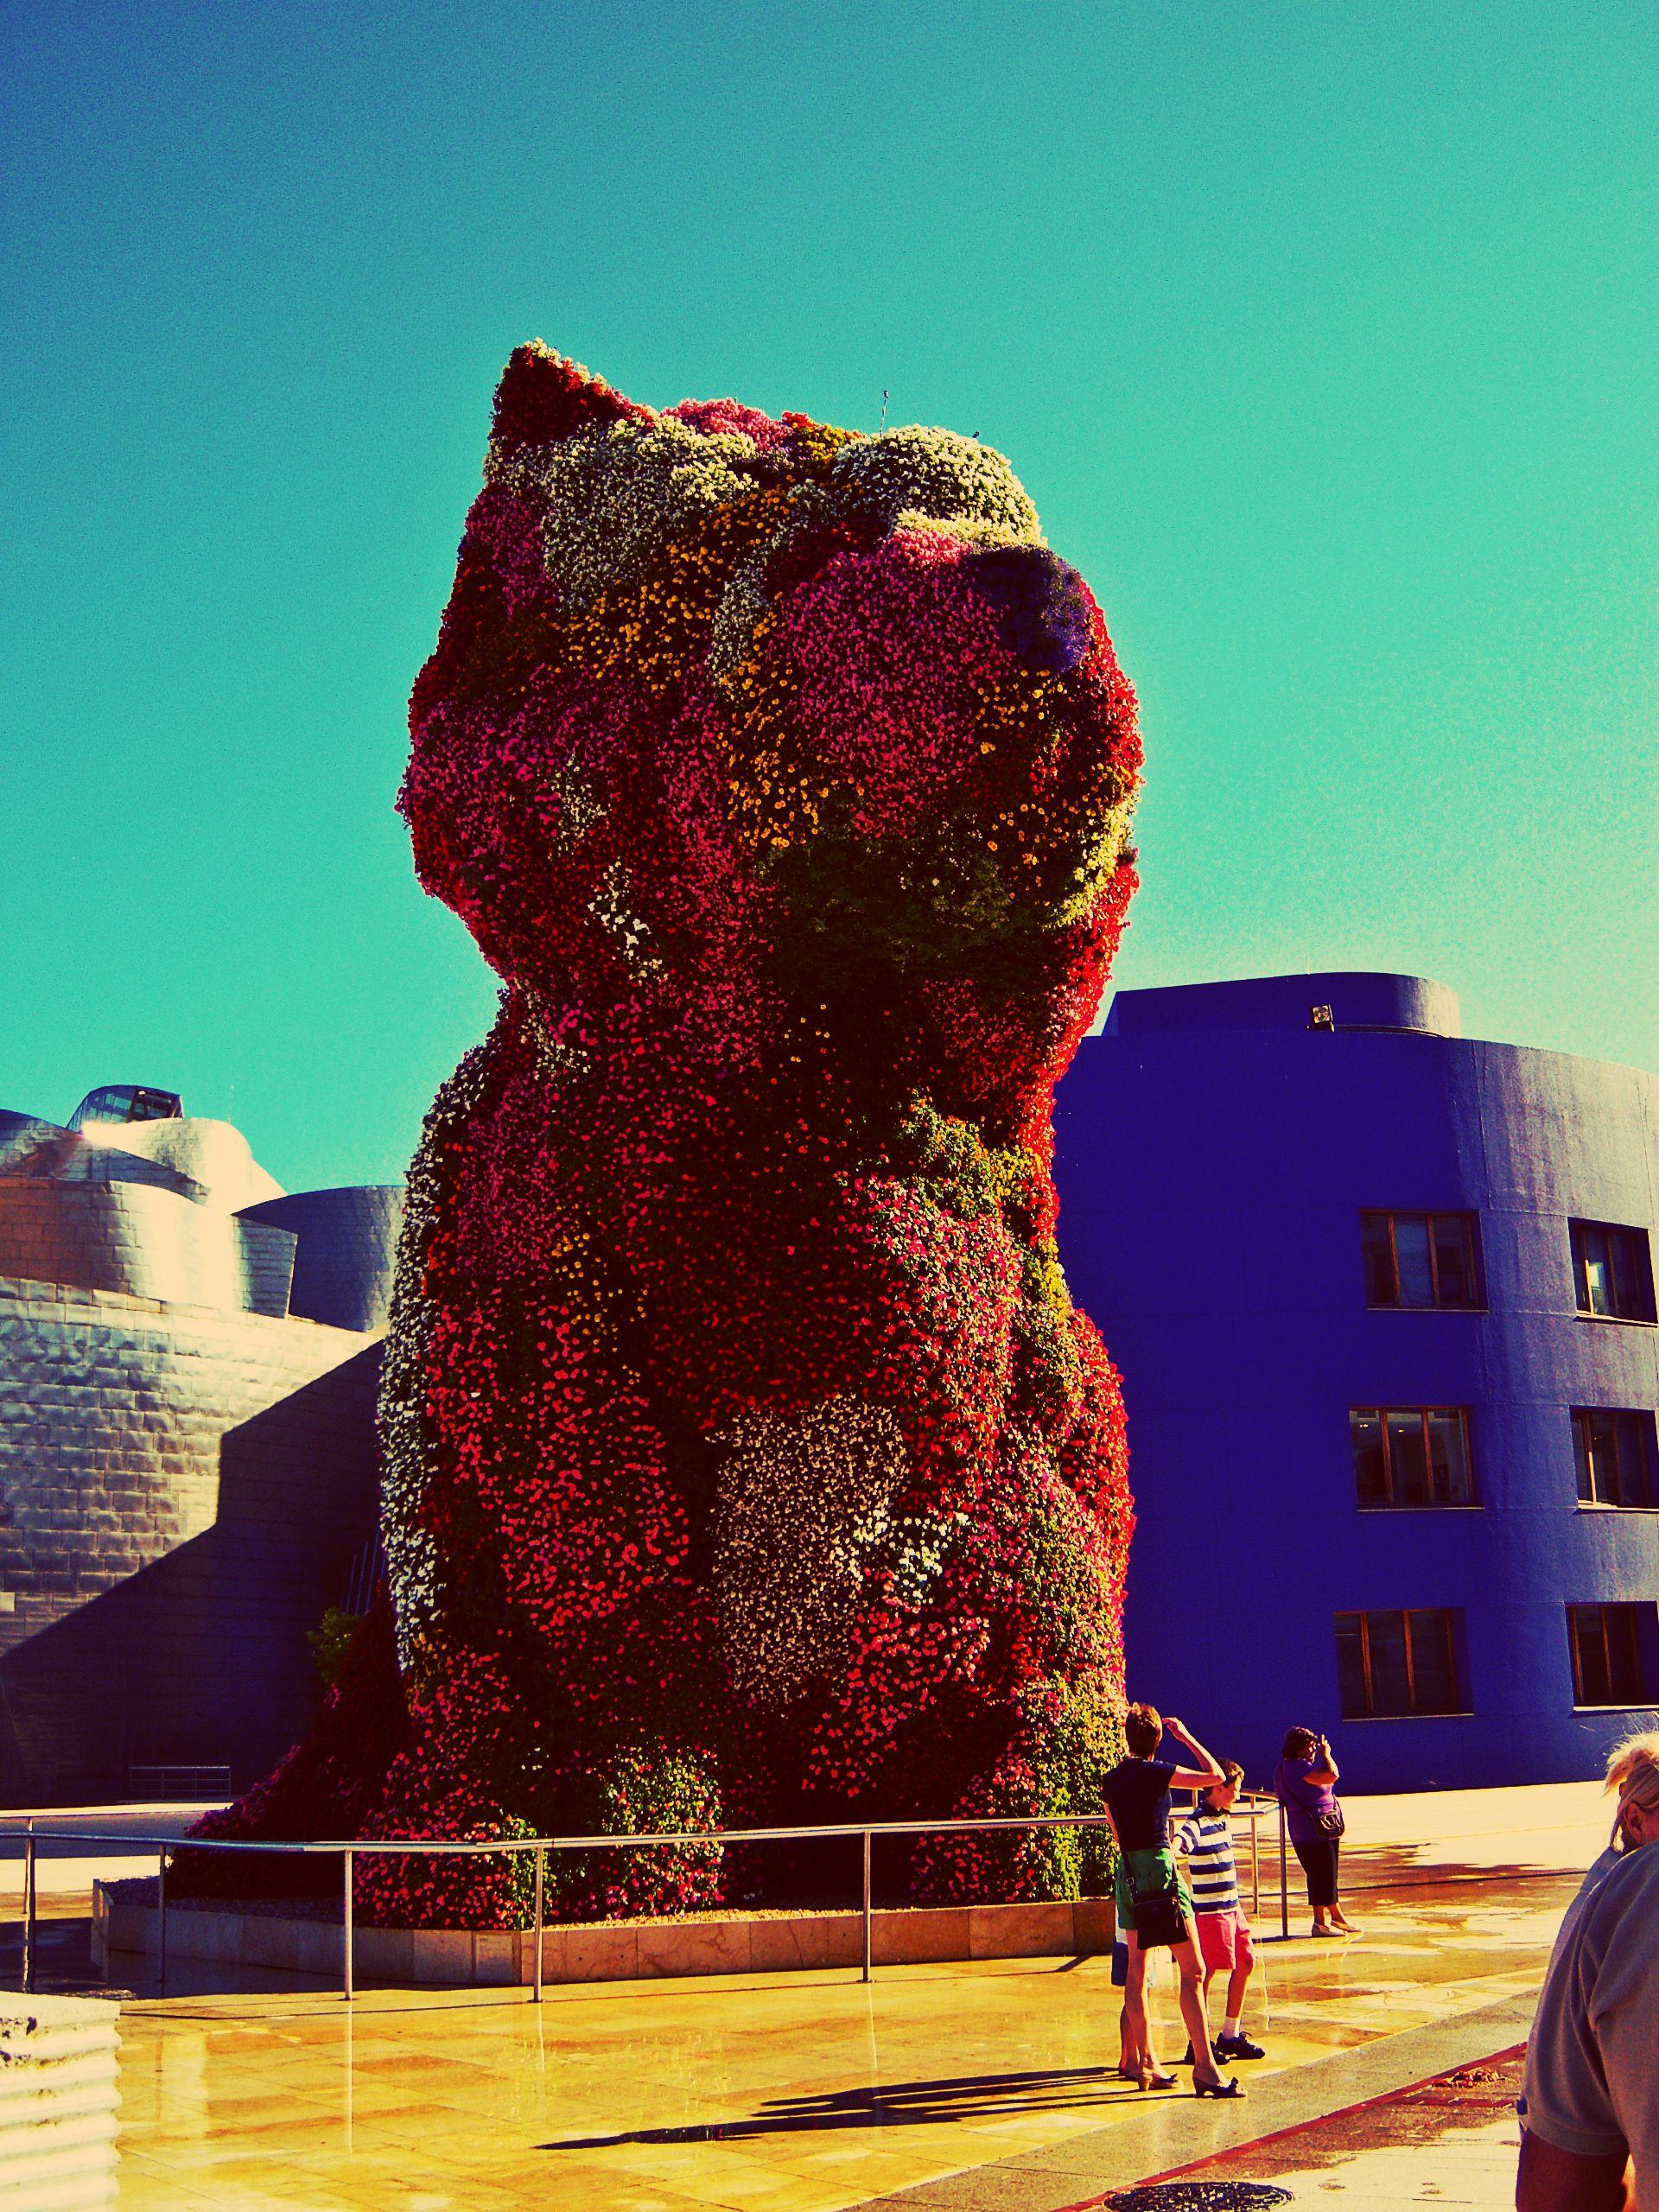 Jeff Koons' sculpture 'Puppy'. Bilbao, Spain. Nature